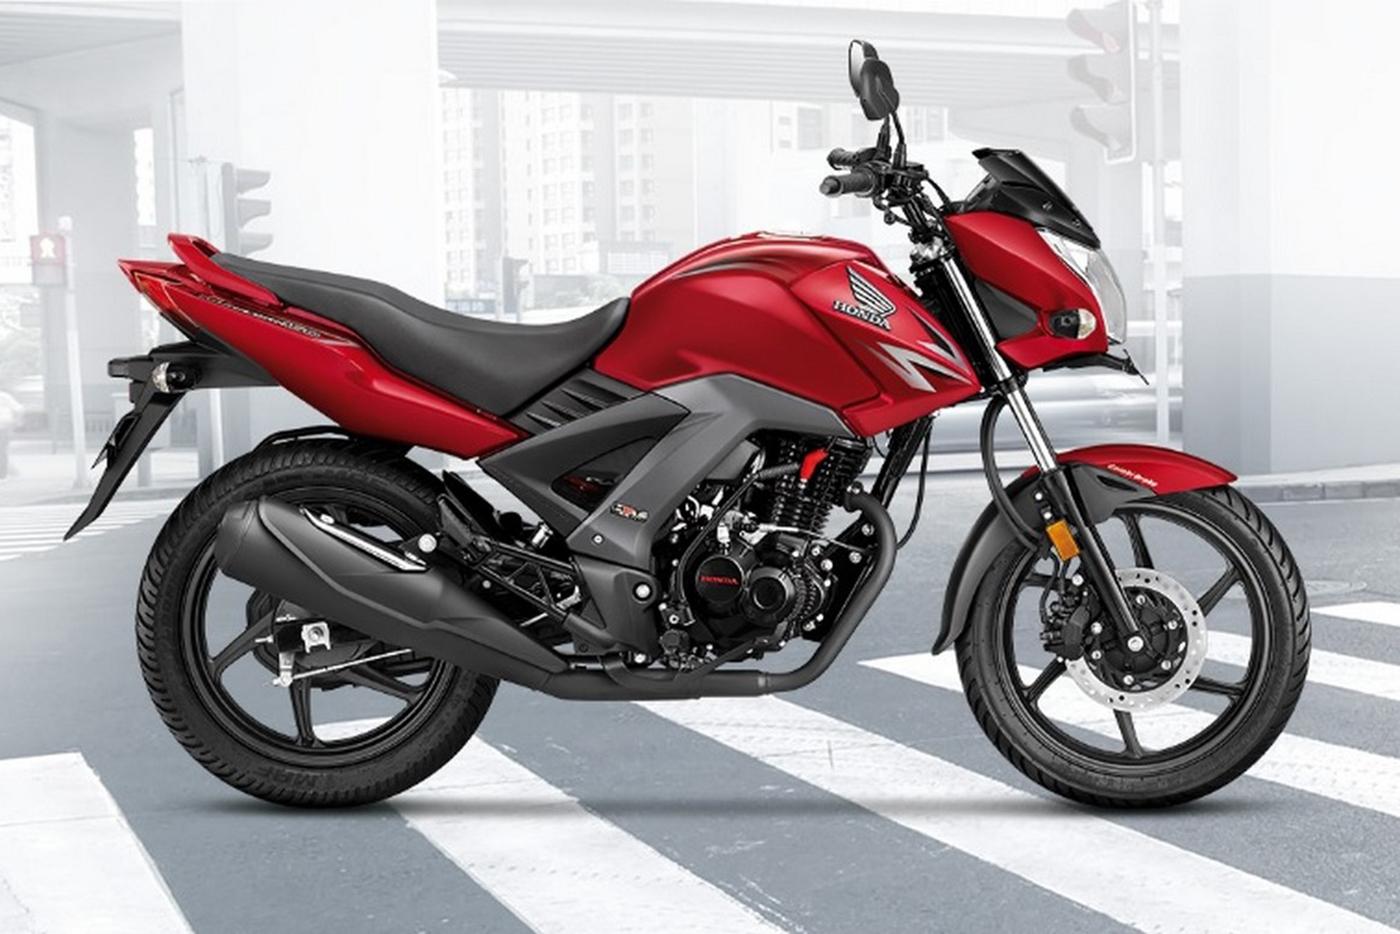 Honda trình làng phiên bản mới của mẫu môtô 'siêu rẻ' 2